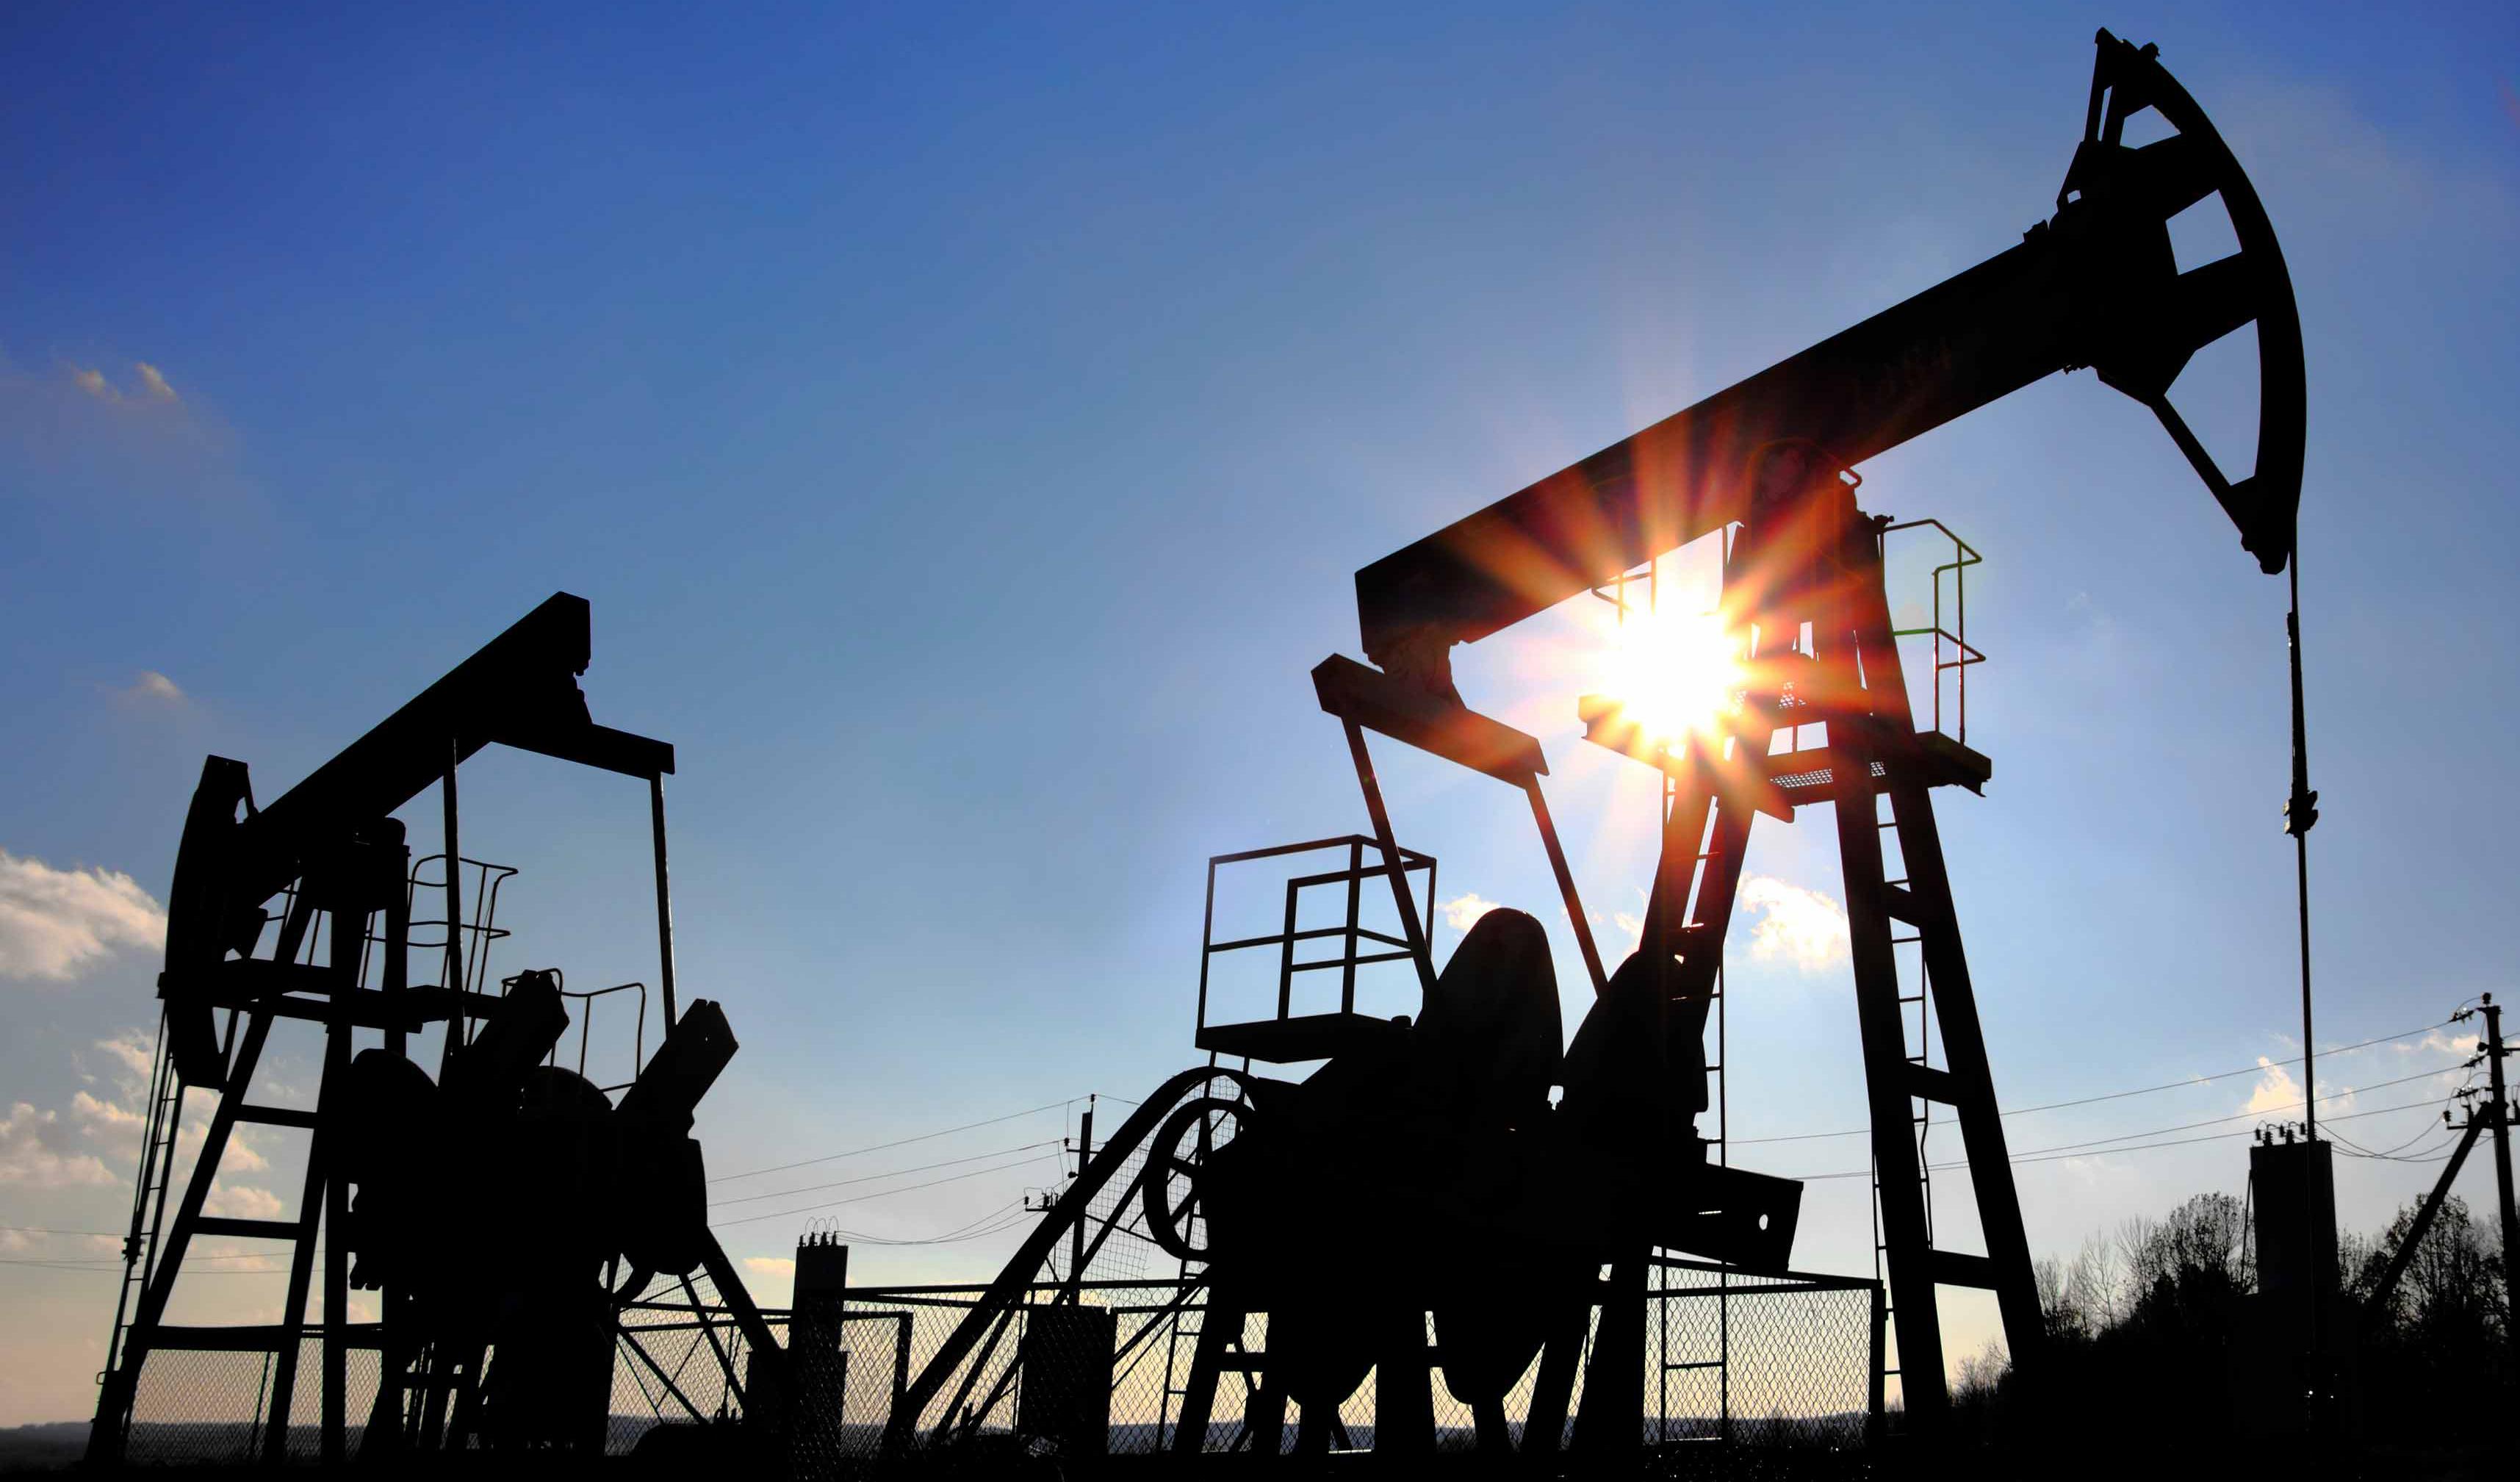 نفت از کاهش قیمت دست برداشت